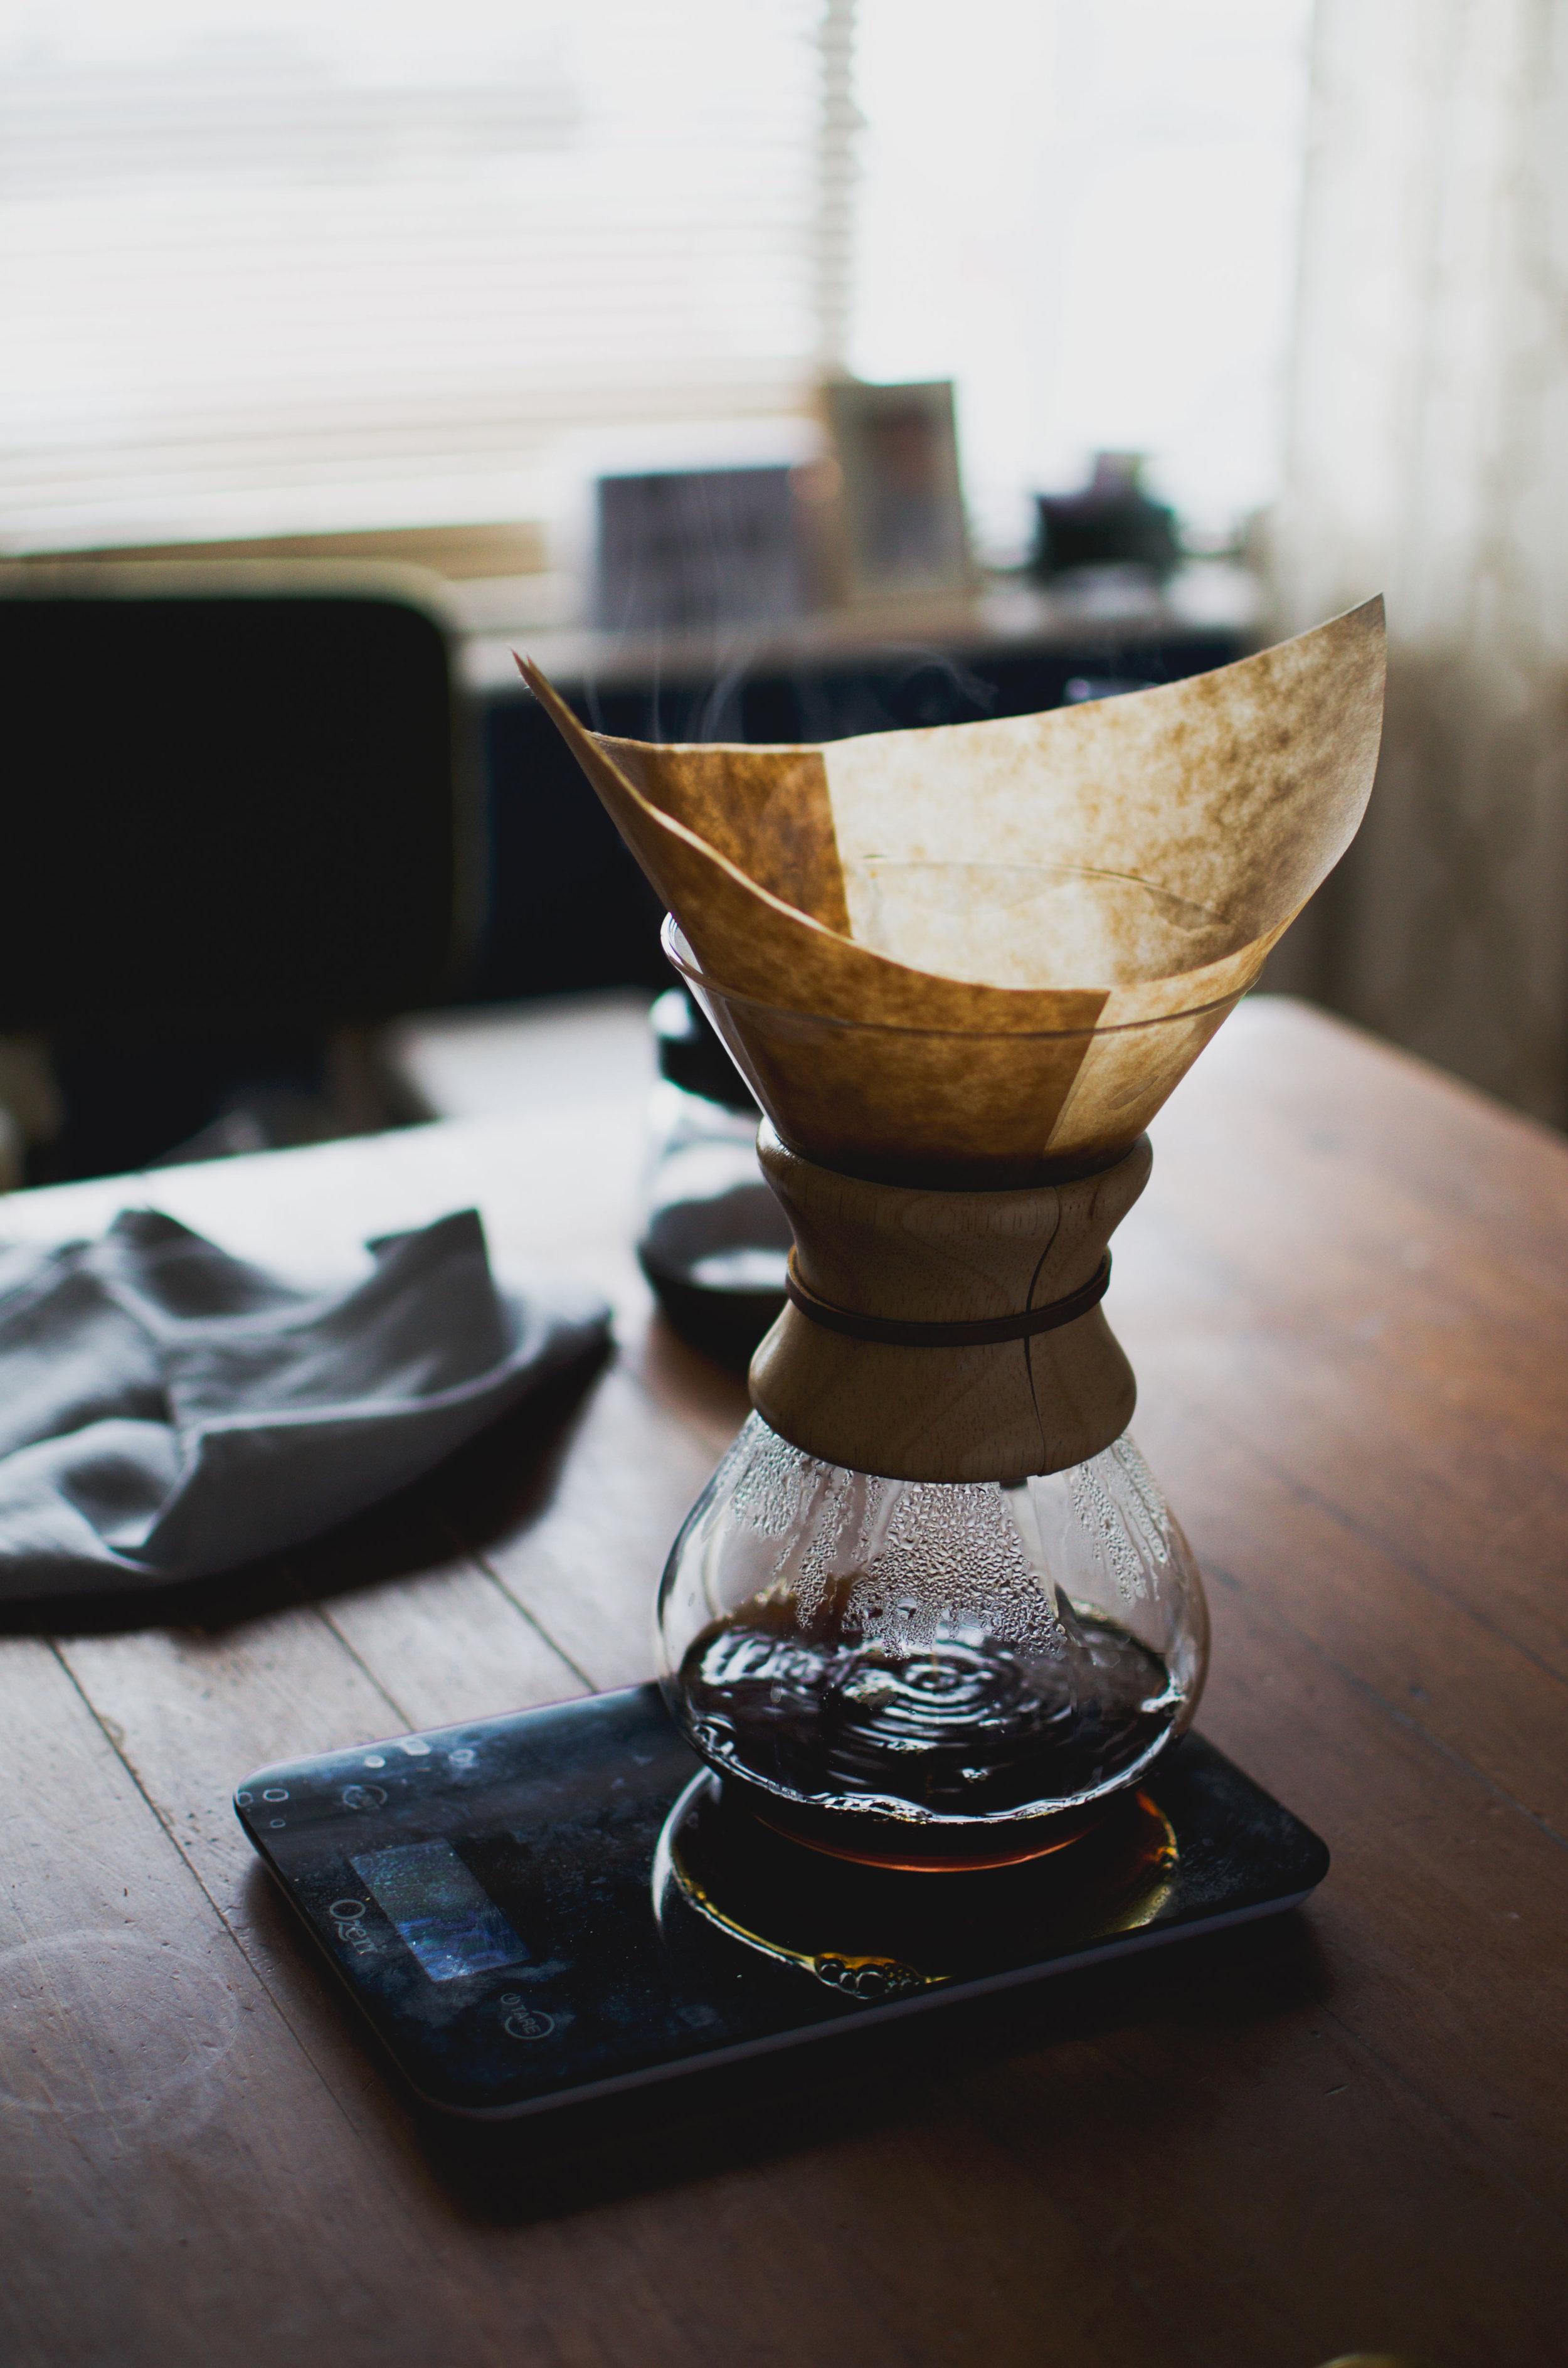 Wendling_Boyd_Daily_Brew_Coffee_Day_Contrast_Coffee-4.jpg